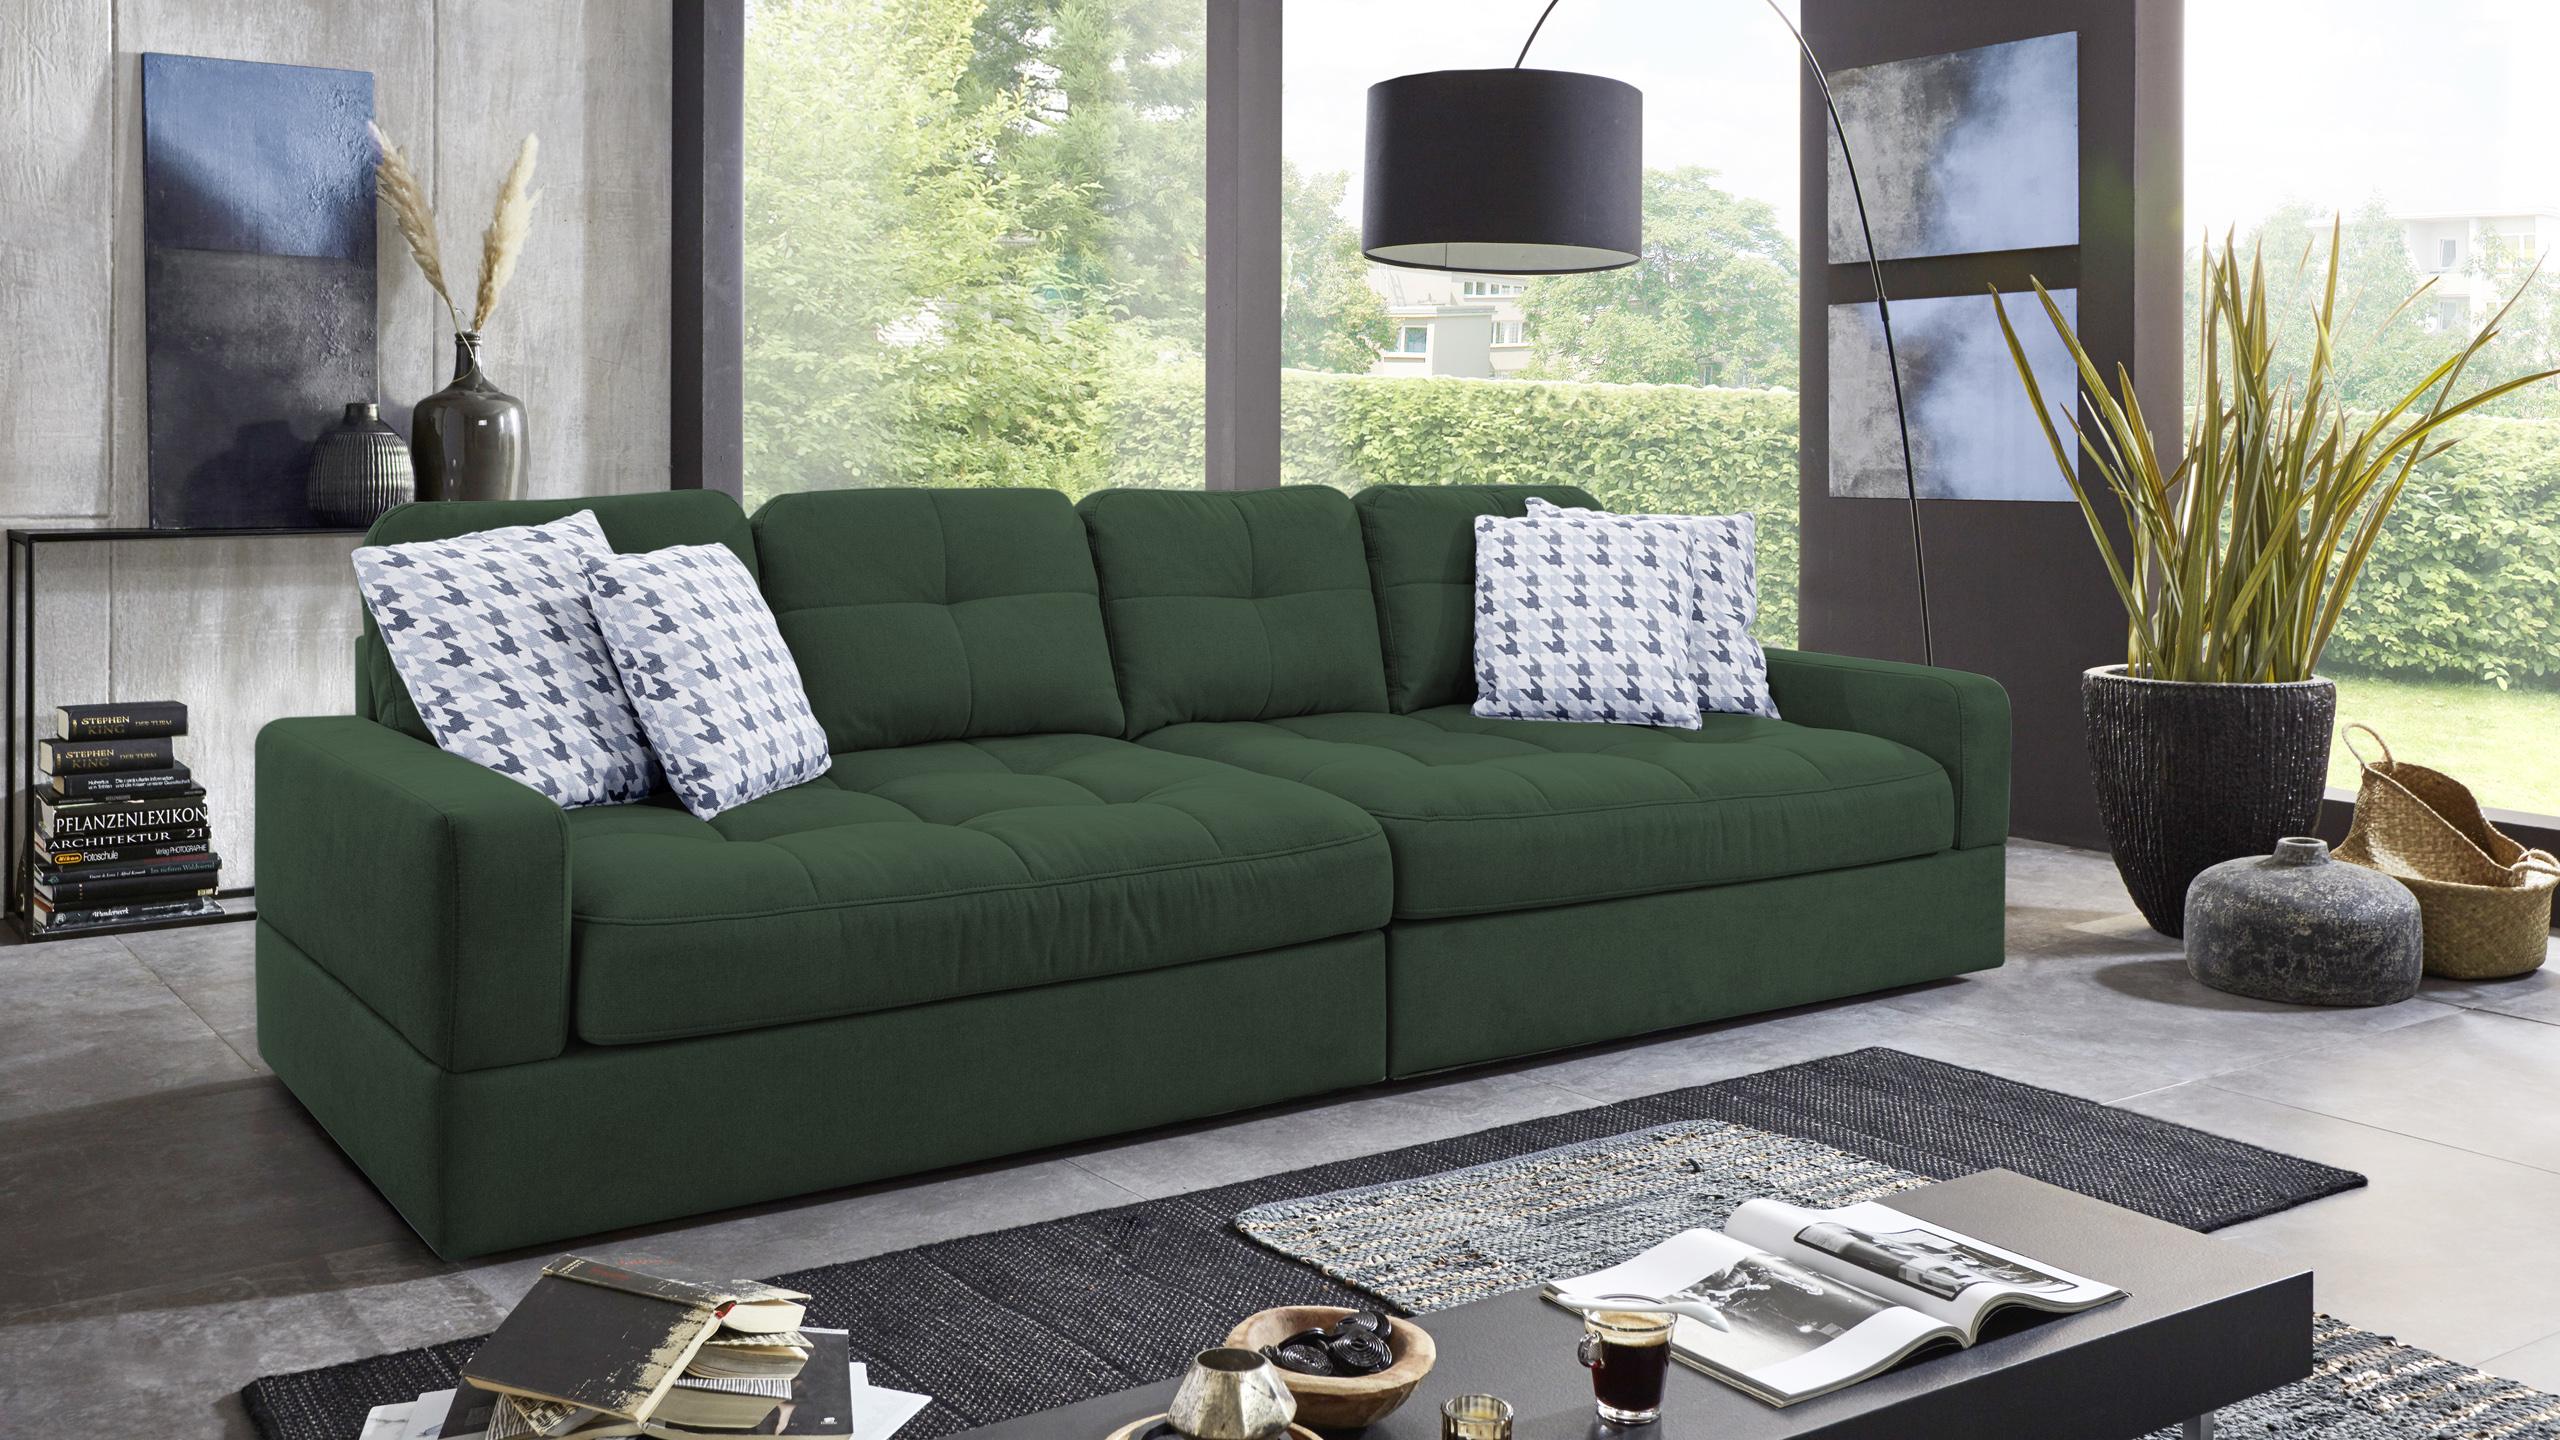 Fin Sofa Garnitur Grün